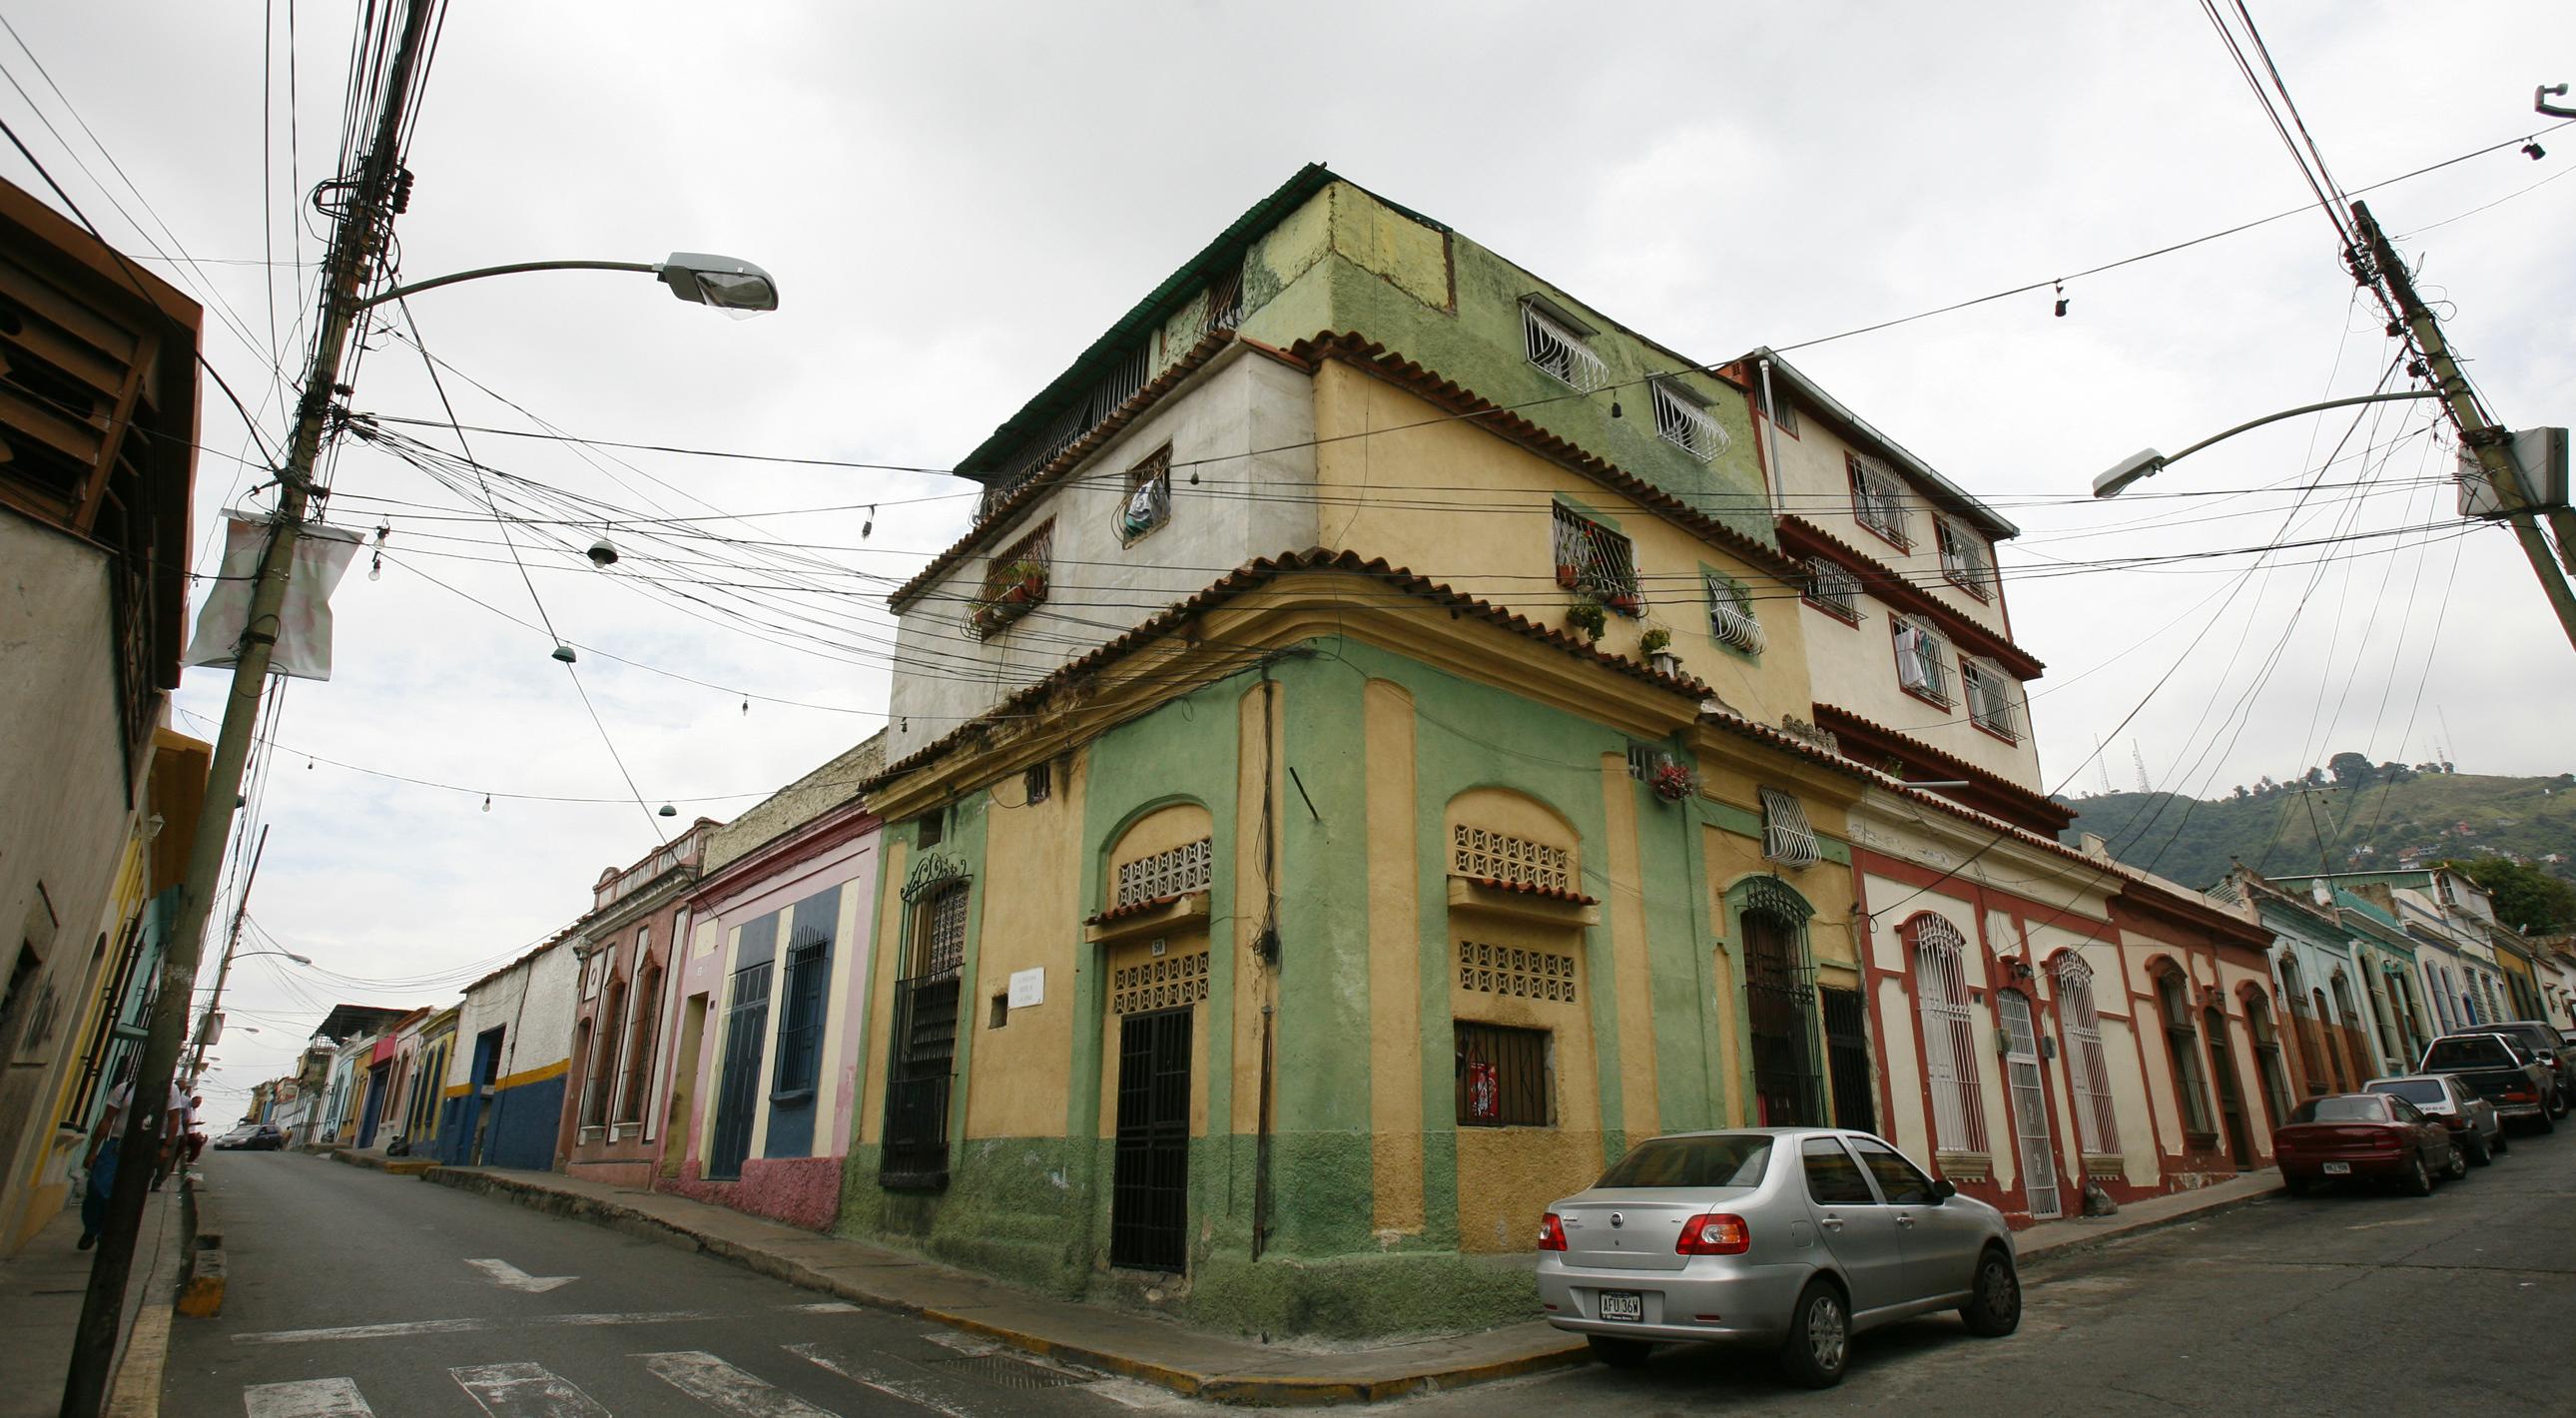 La concepción social del proyecto se traduce también en dedicar algunas de las casas de la calle principal como sedes comunitarias tales como bibliotecas, centros de ancianos o guarderías.